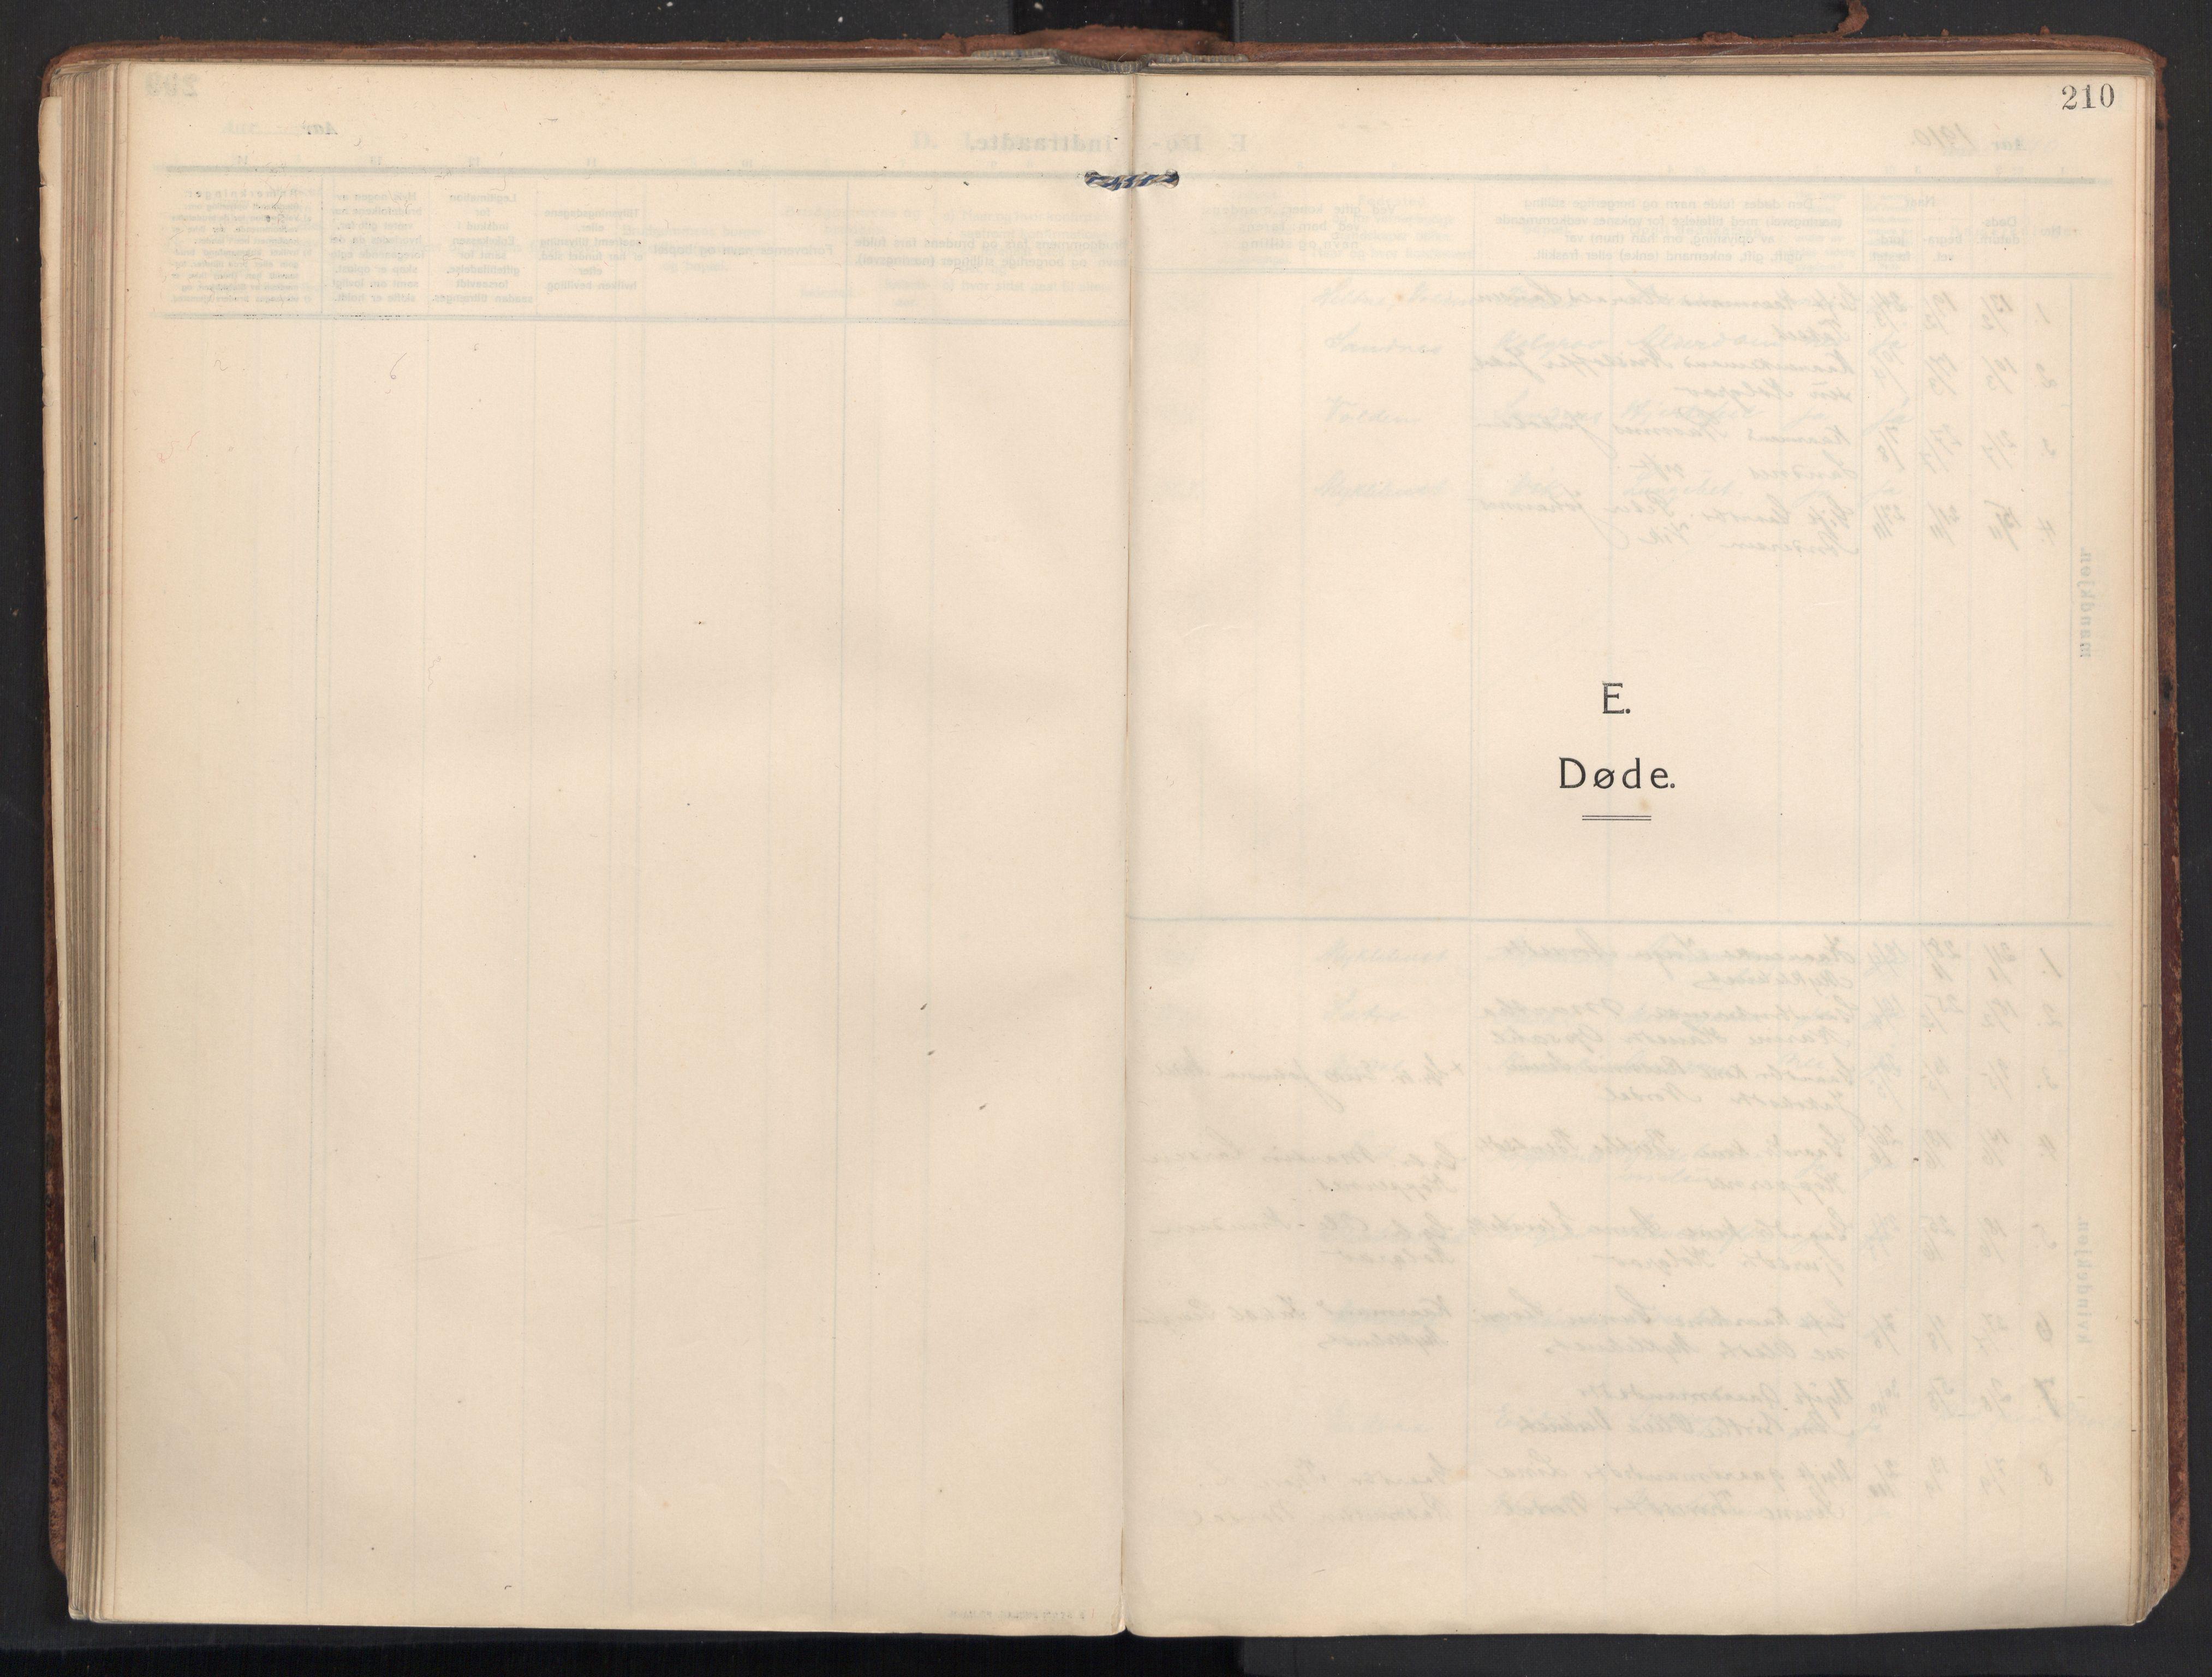 SAT, Ministerialprotokoller, klokkerbøker og fødselsregistre - Møre og Romsdal, 502/L0026: Ministerialbok nr. 502A04, 1909-1933, s. 210